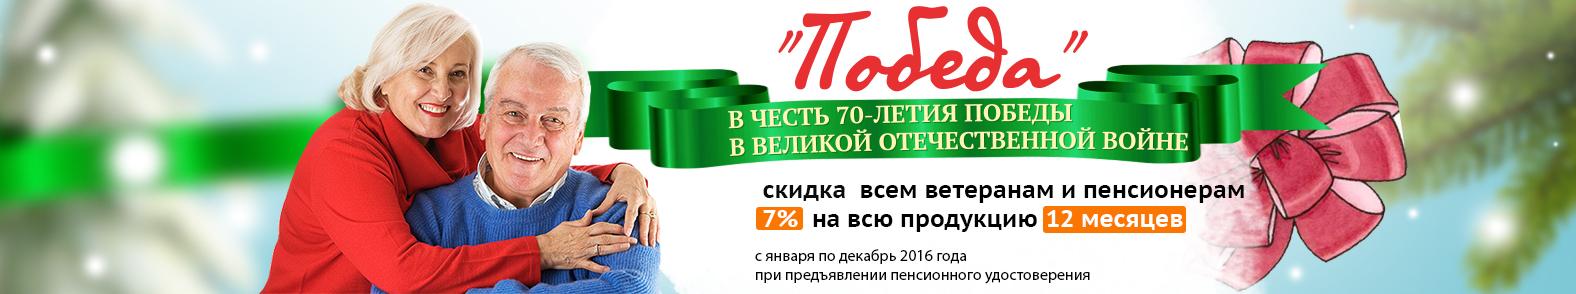 Дешевые Авиабилеты Акции Скидки 2017